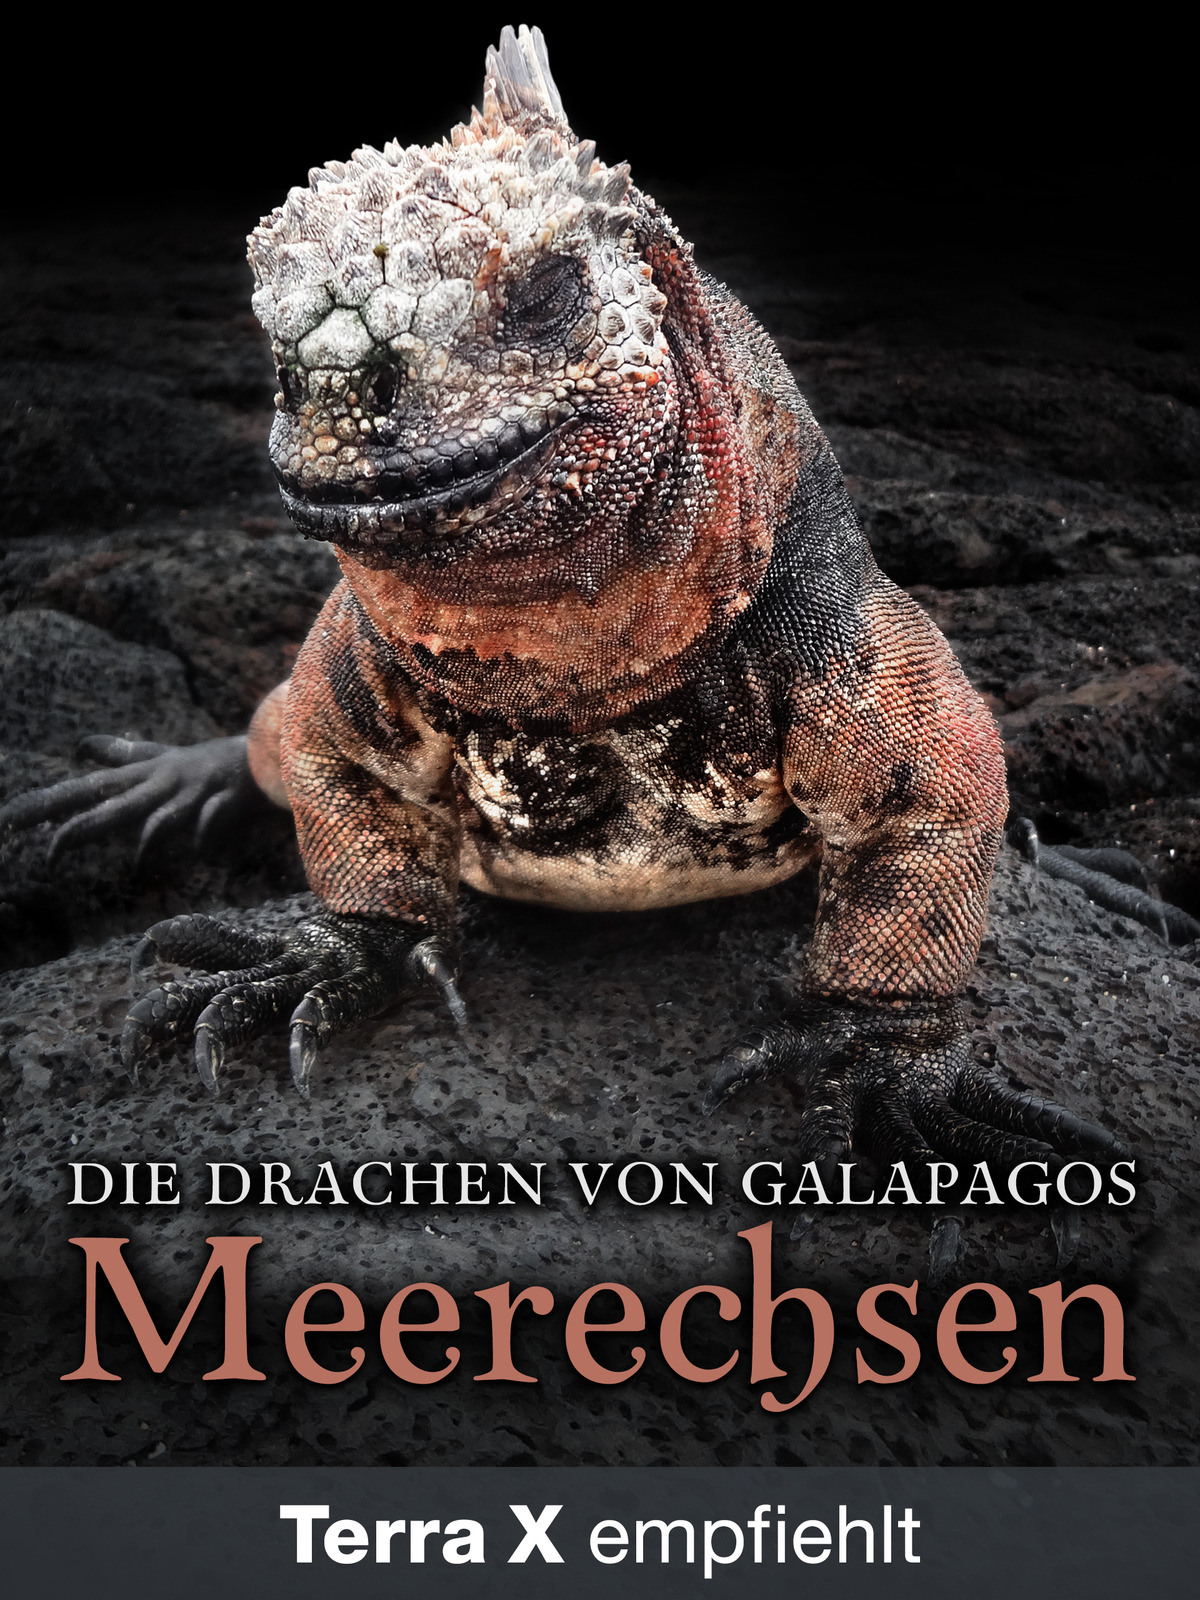 Die Drachen von Galapagos: Meerechsen